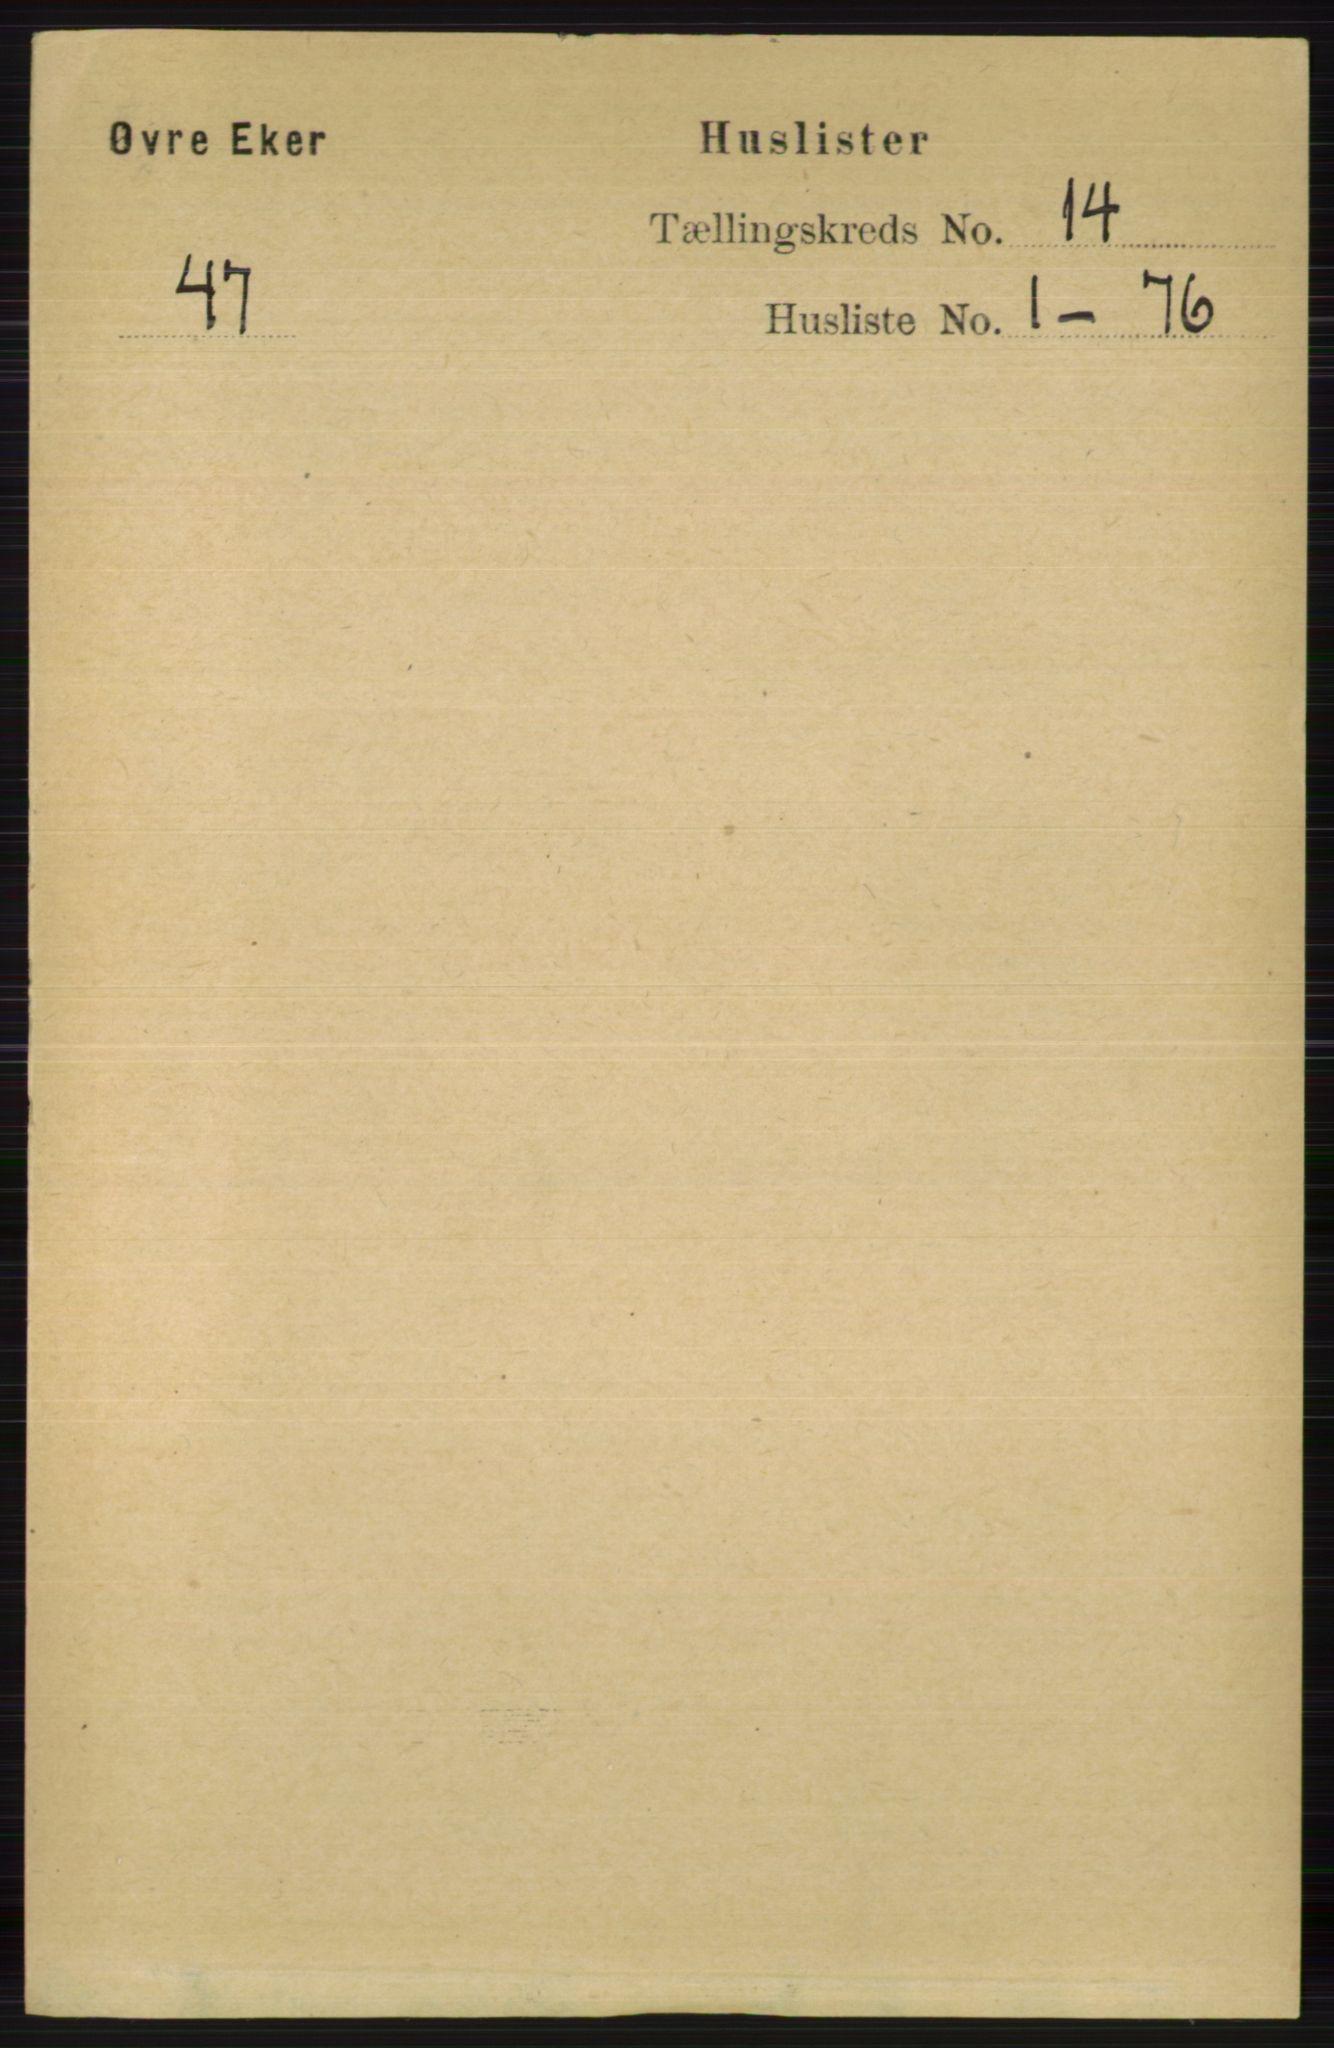 RA, Folketelling 1891 for 0624 Øvre Eiker herred, 1891, s. 6375